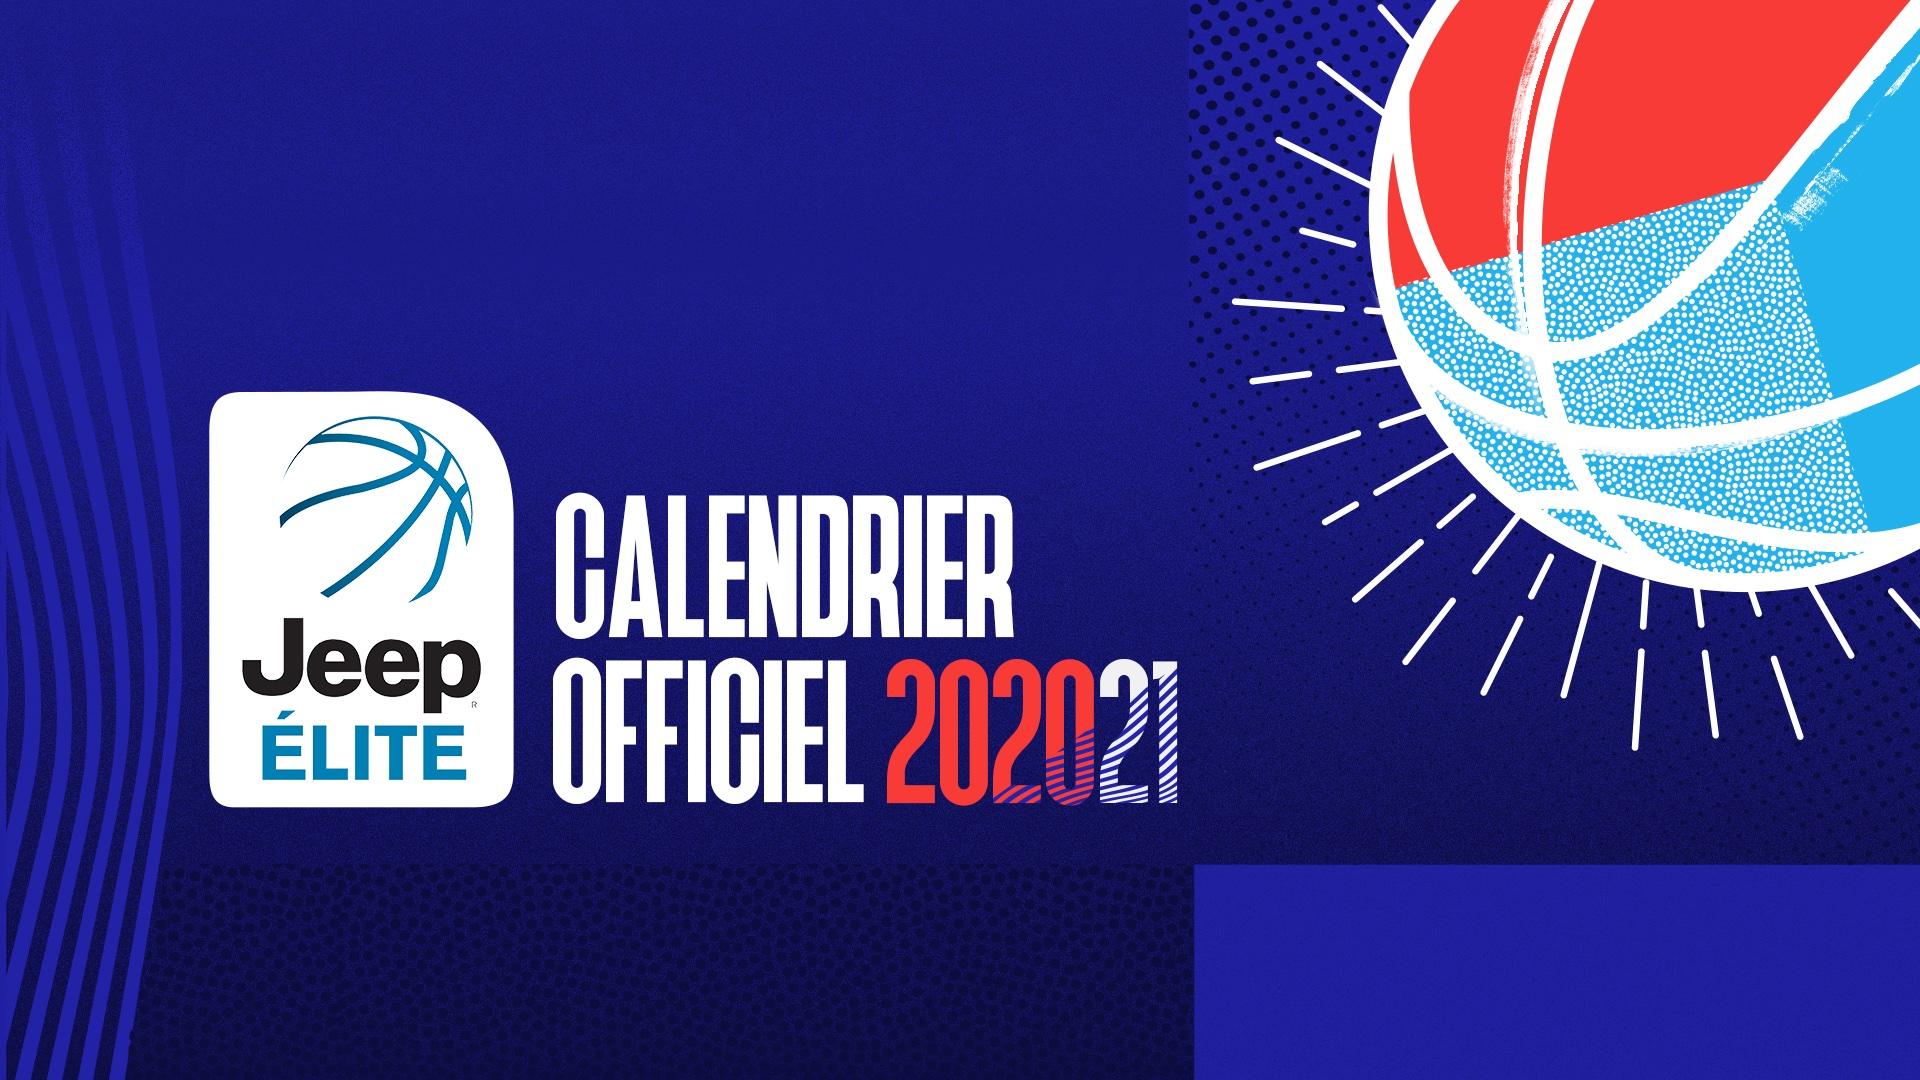 Calendrier Jeep Elite 2020 2021 : l'ASVEL débutera la saison à